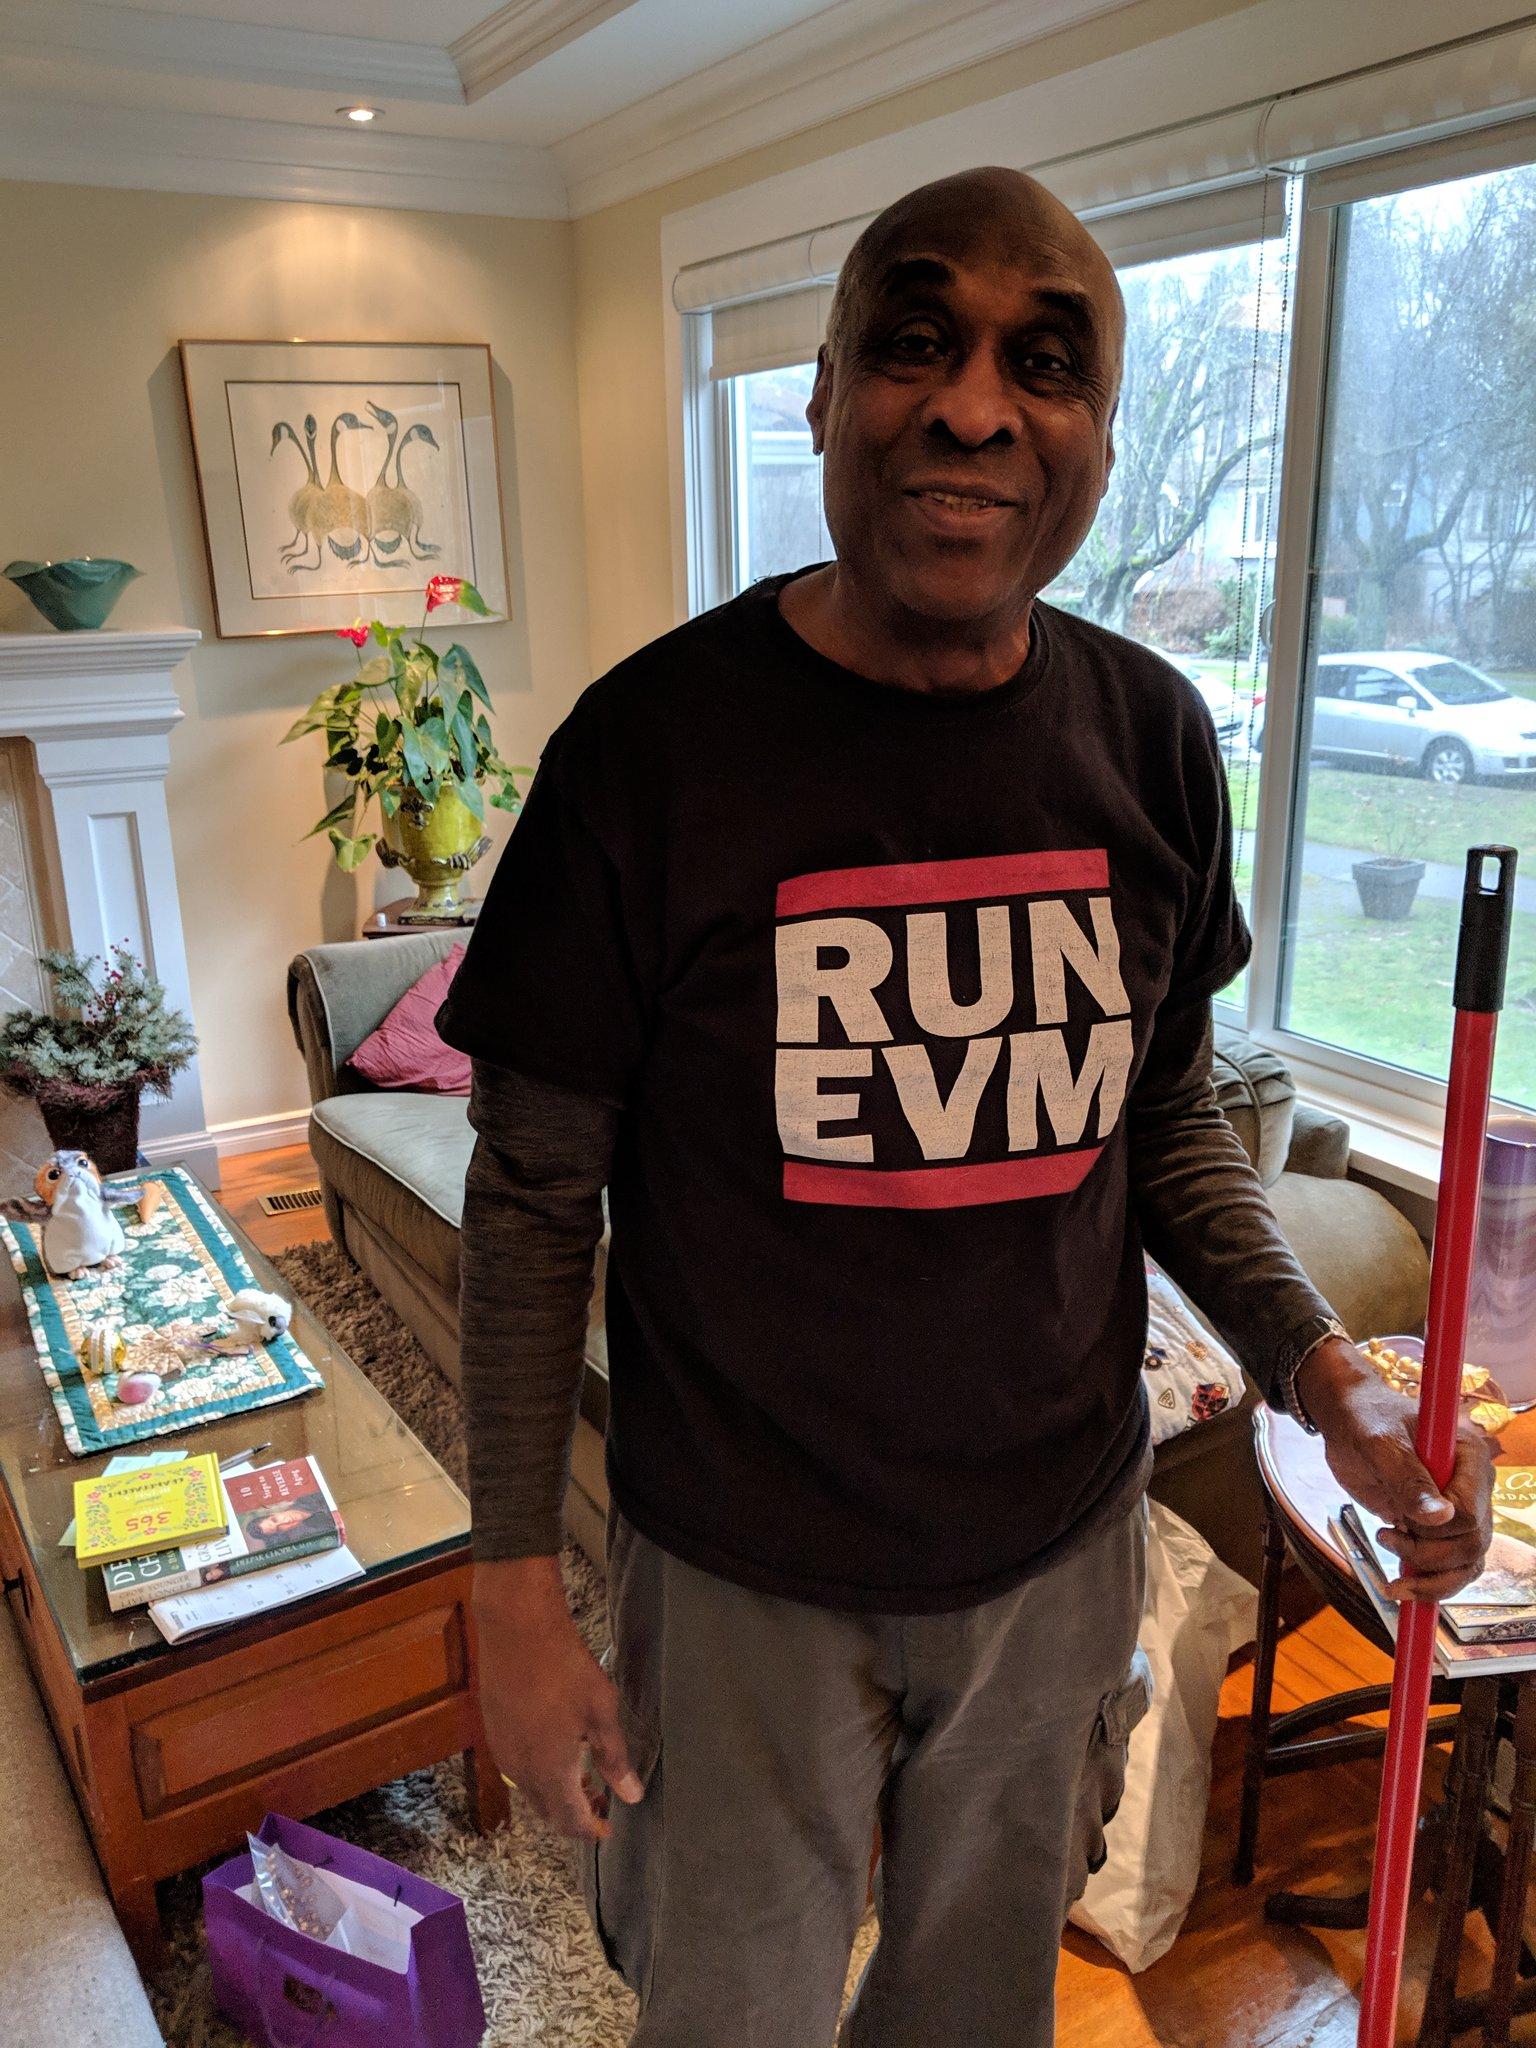 Papa Joe in a RUN EVM t-shirt